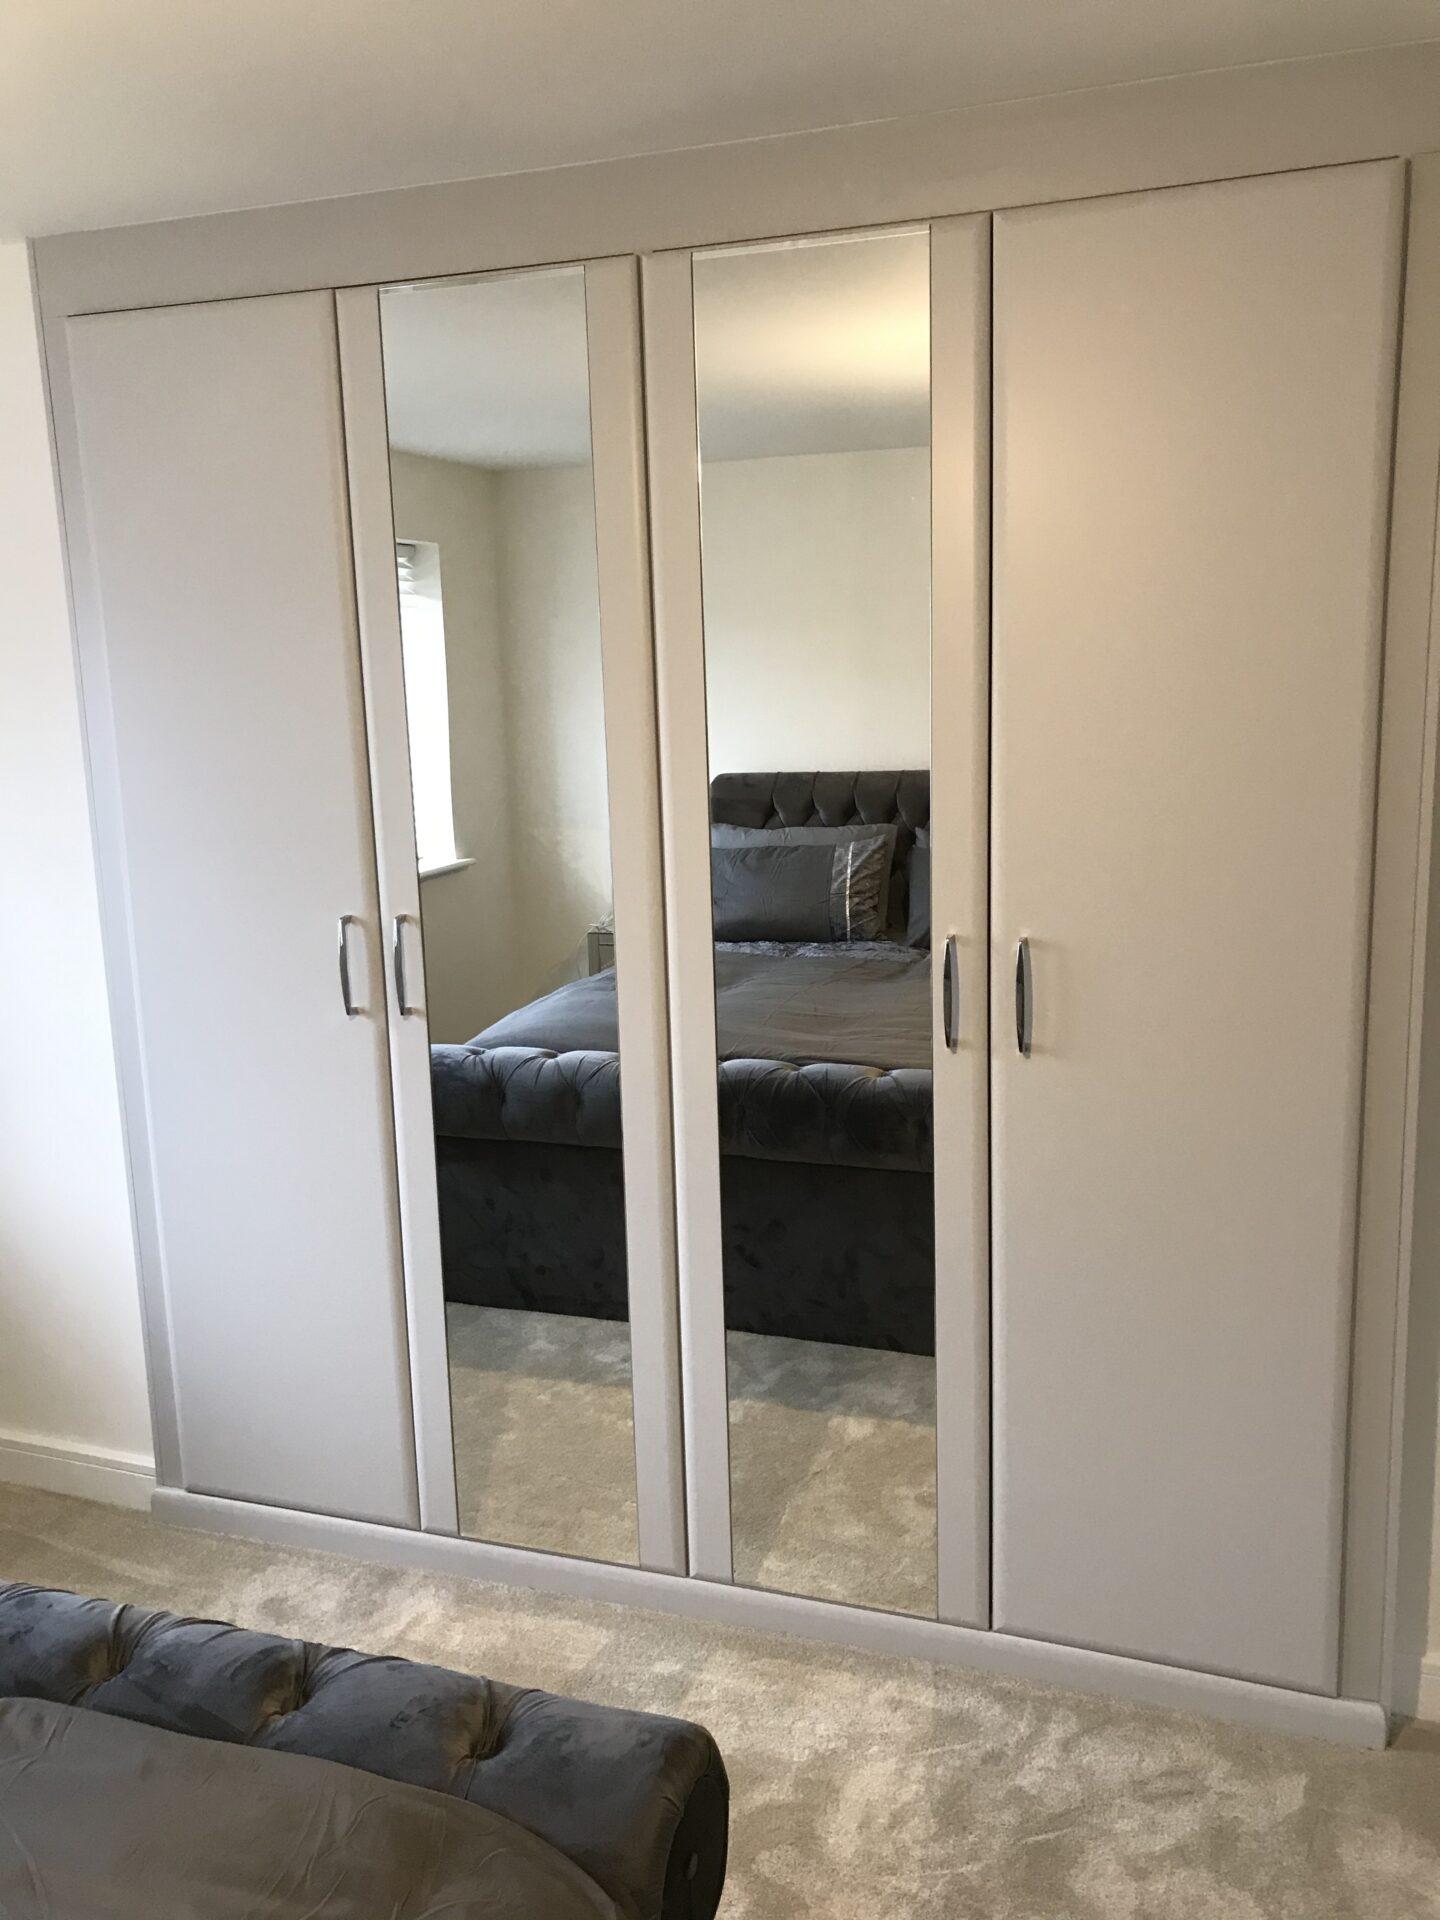 Fitted Mirror Wardrobe Hinged Doors - Matt Light Grey